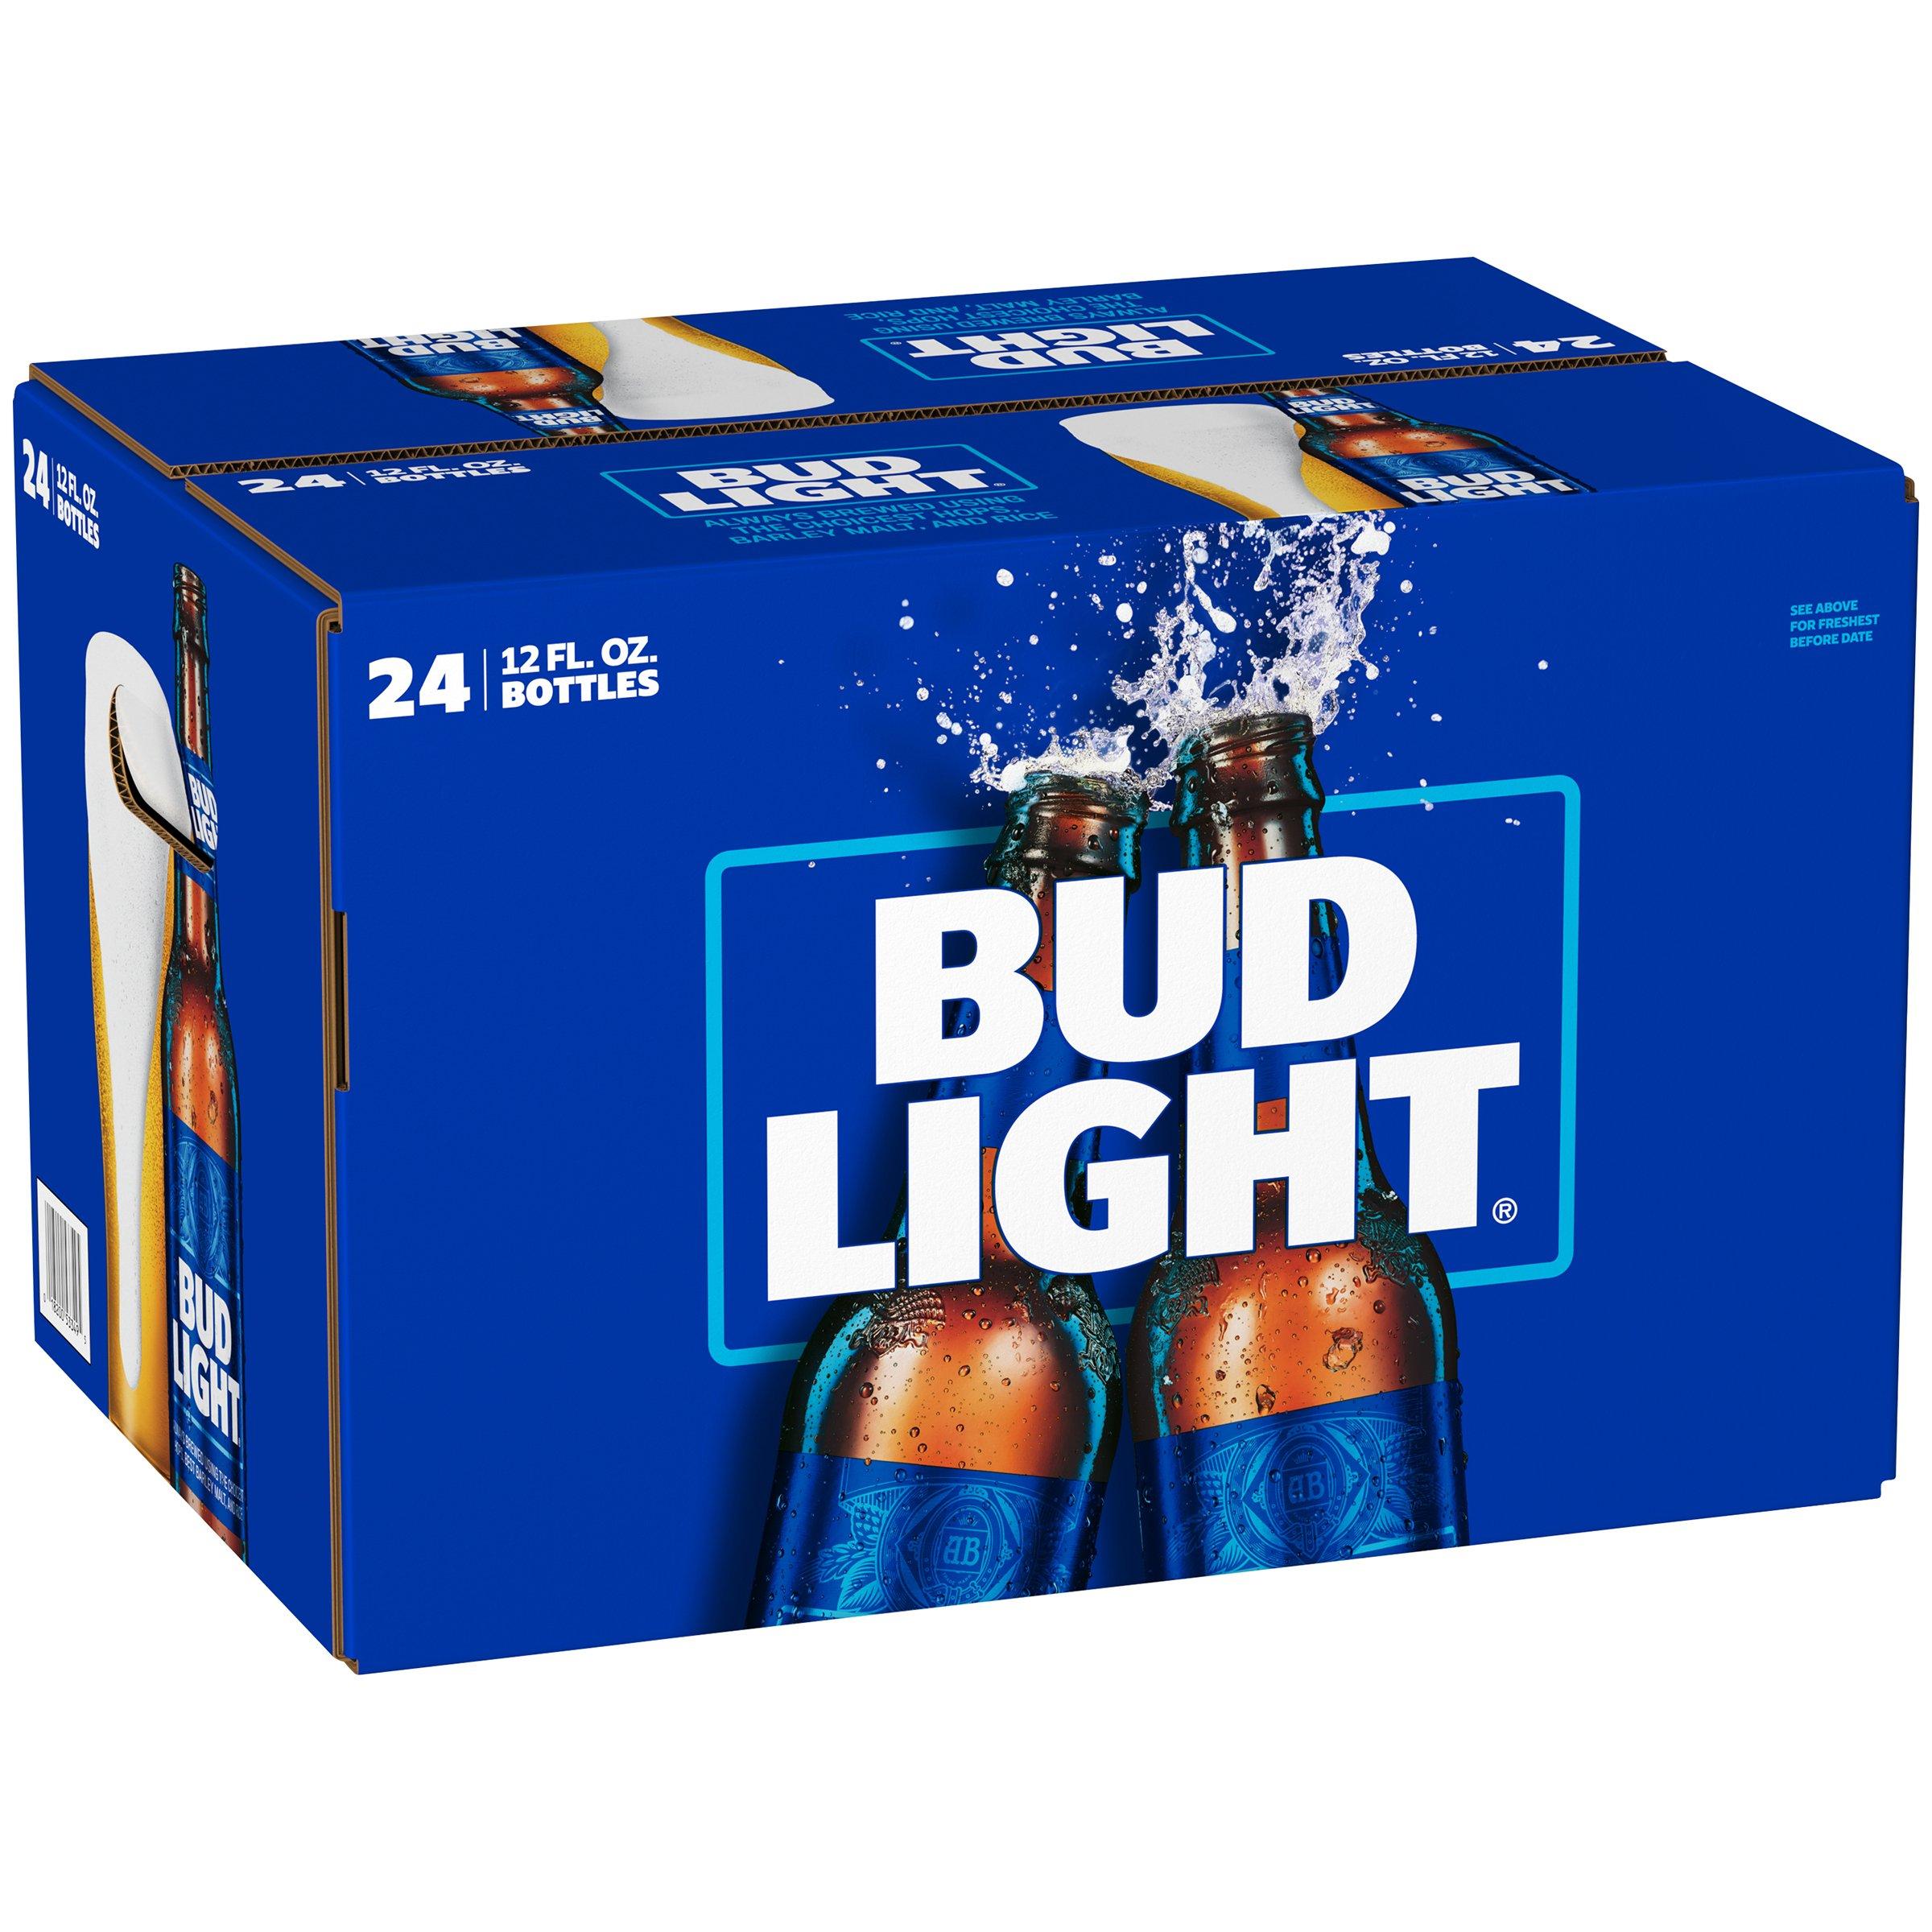 Bud Light Beer 12 Oz Bottles U2011 Shop Bud Light Beer 12 Oz Bottles U2011 Shop Bud  Light Beer 12 Oz Bottles U2011 Shop Bud Light Beer 12 Oz Bottles U2011 Shop ... Great Ideas